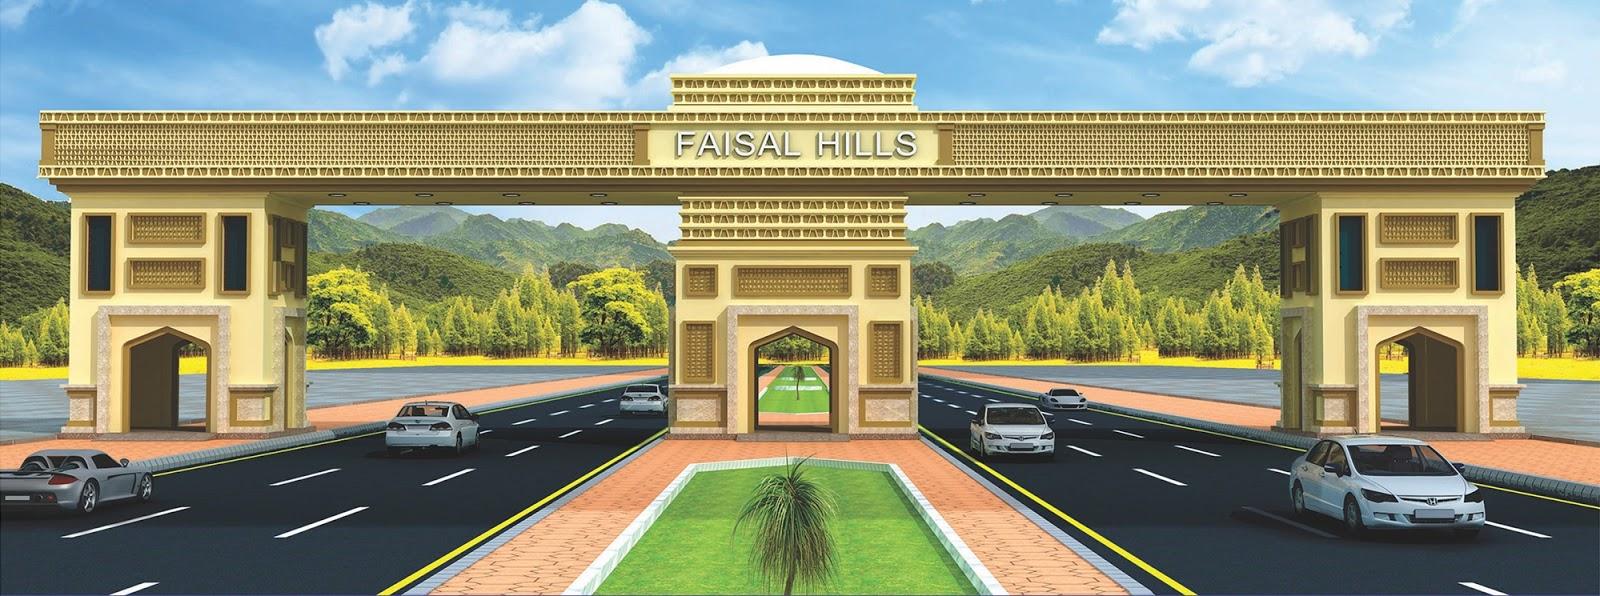 Faisal Hills